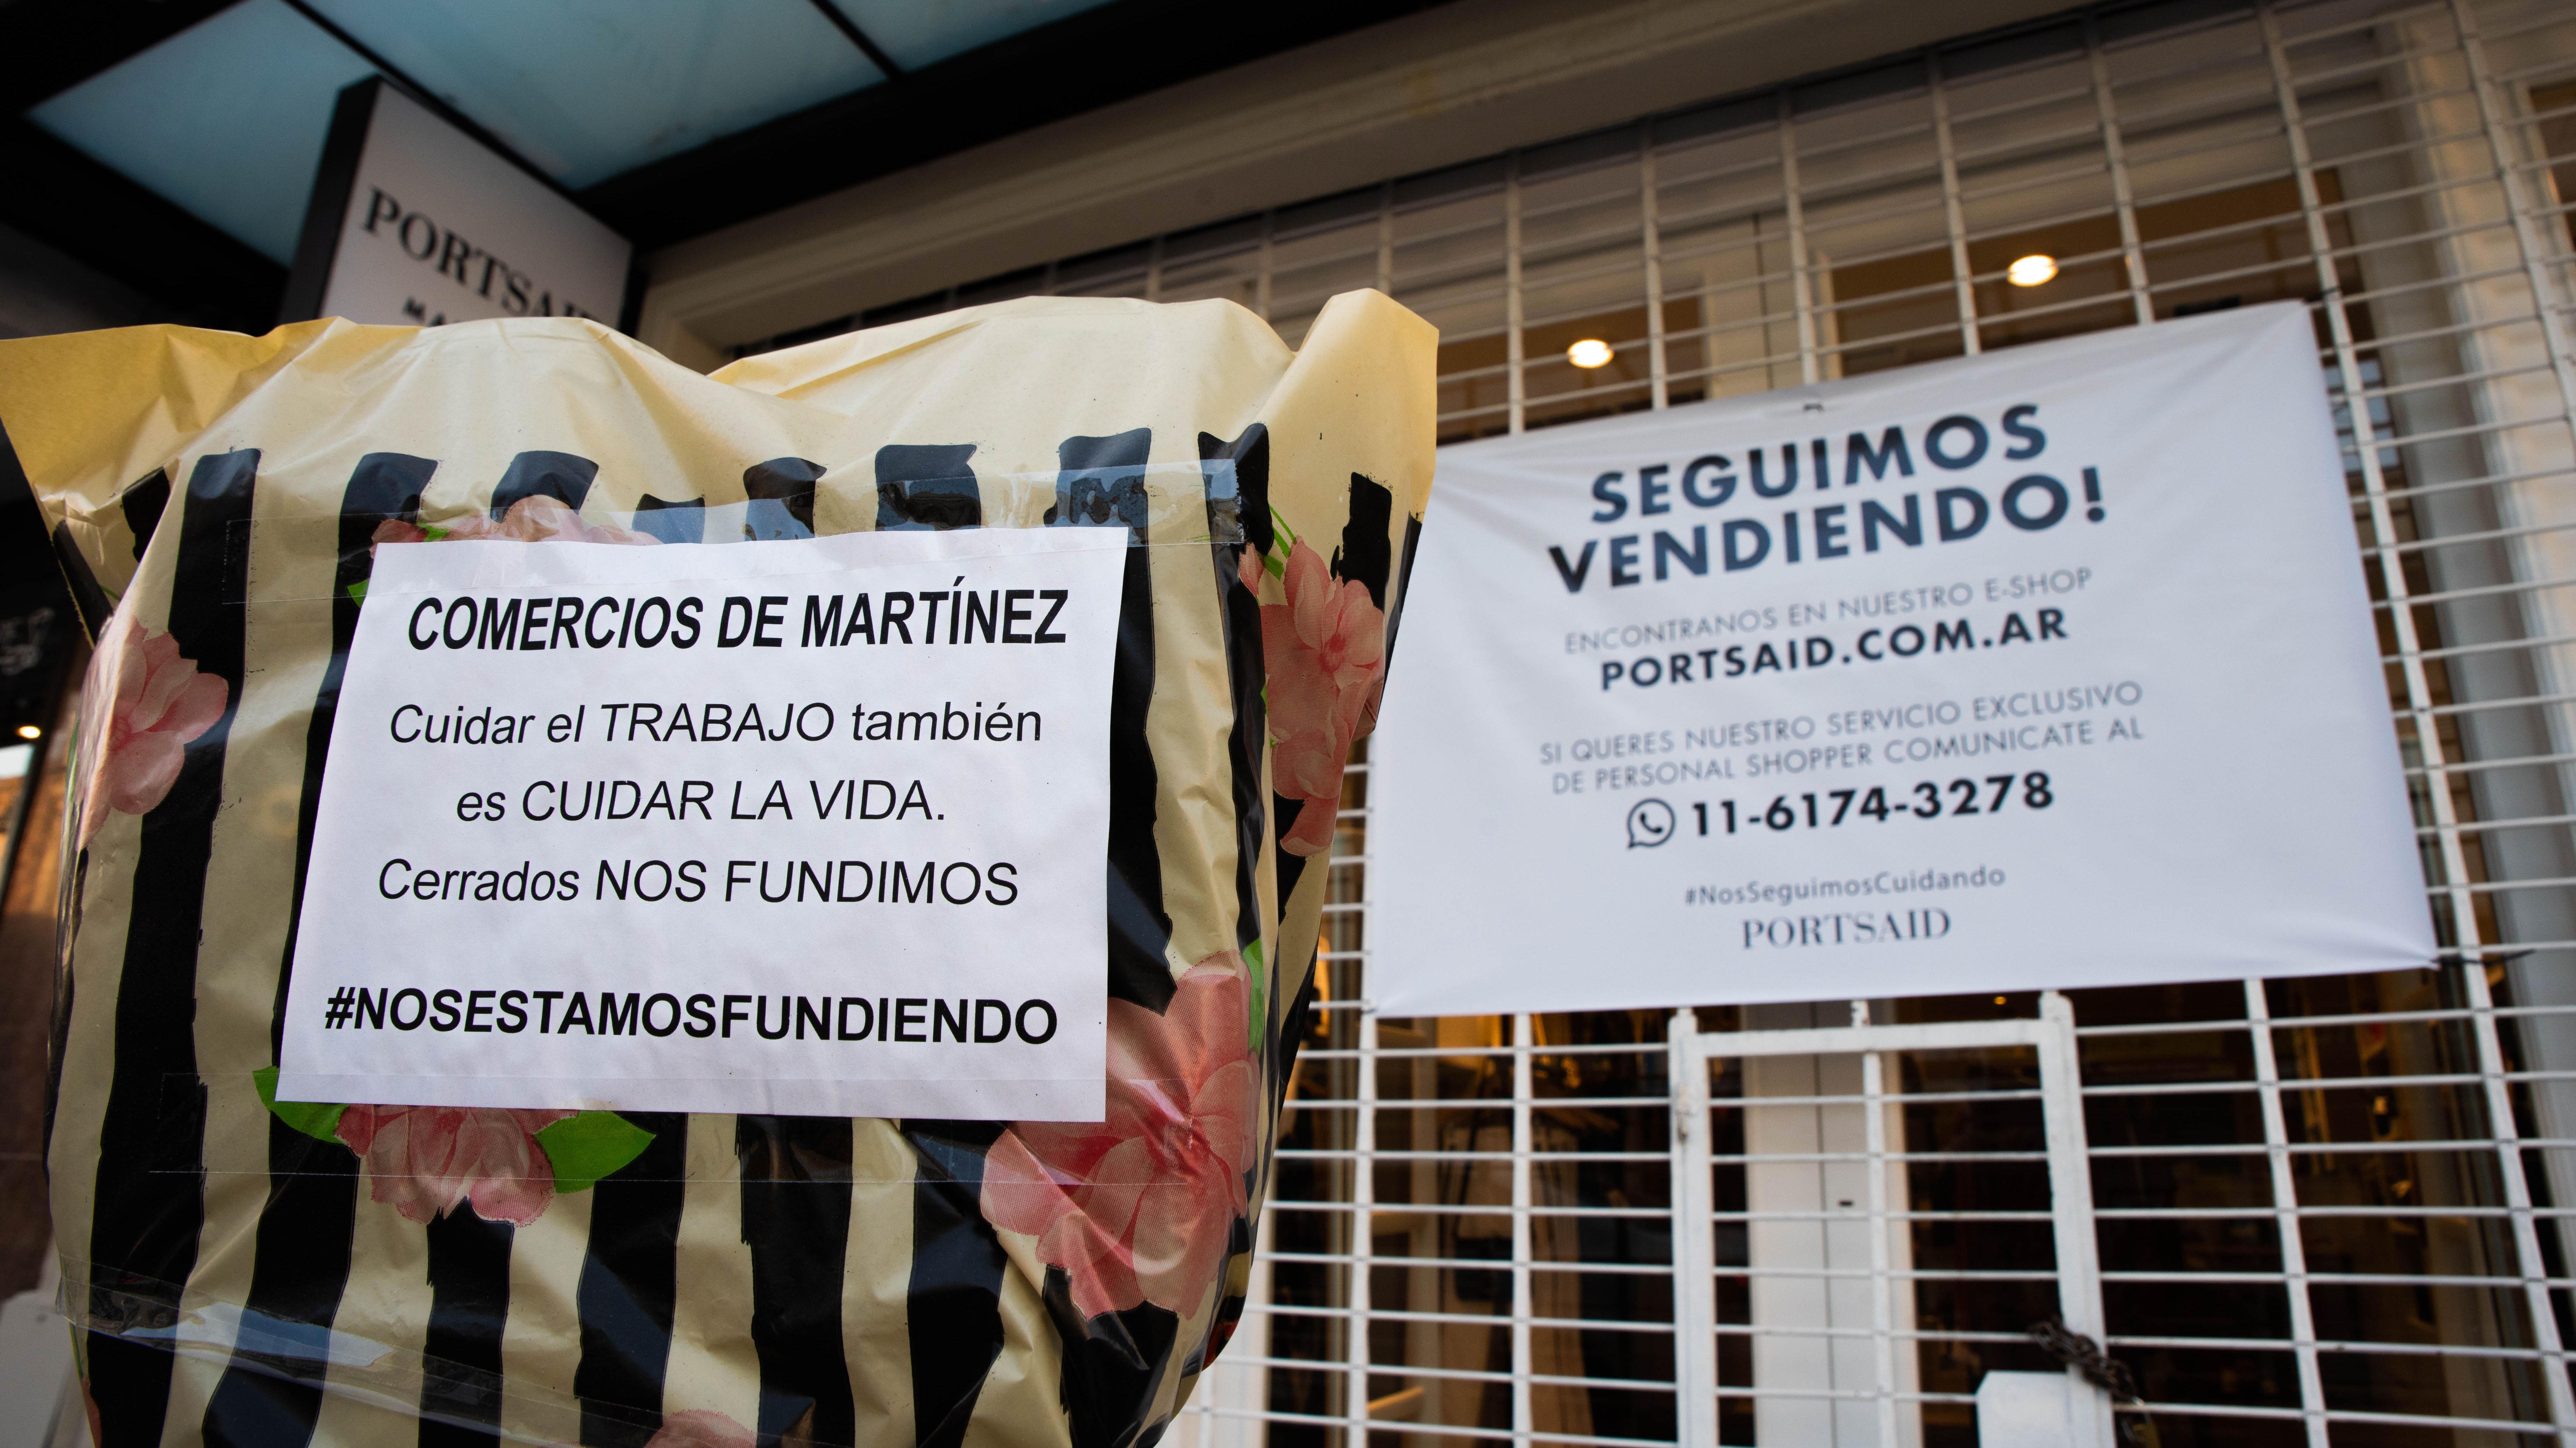 Gral. Alvear 270, B1640 Martínez, Provincia de Buenos Aires - PortSaid